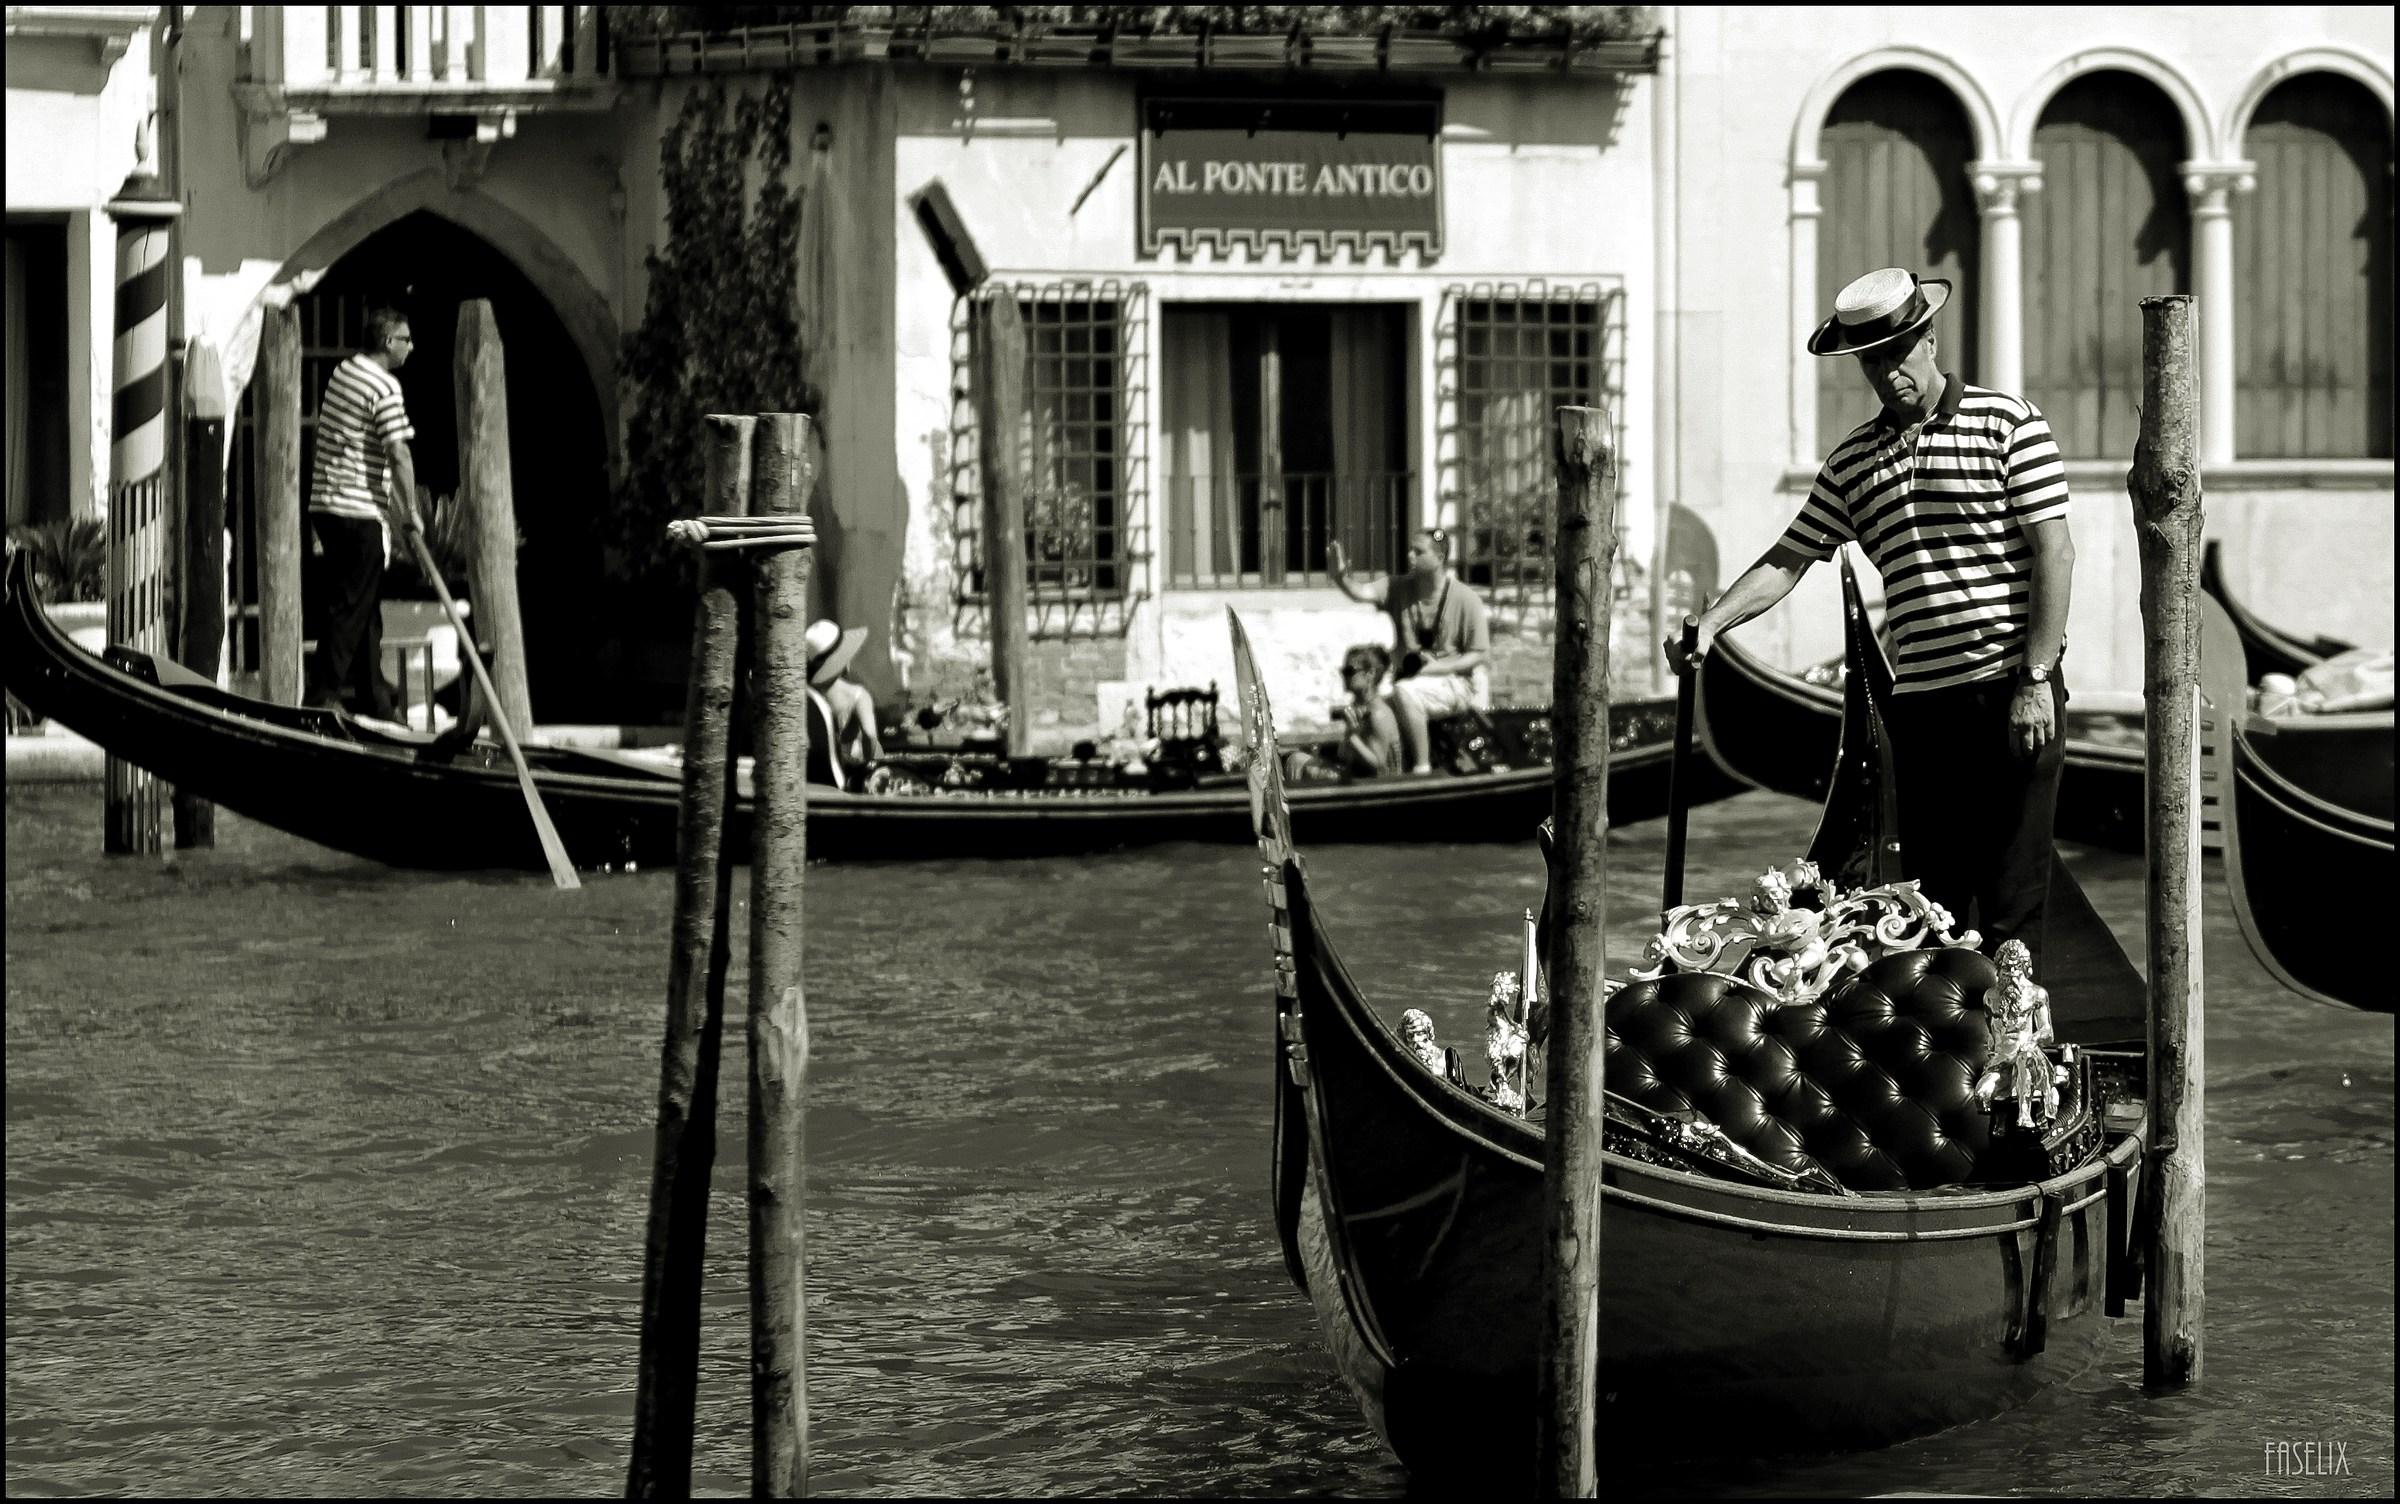 venezia ......